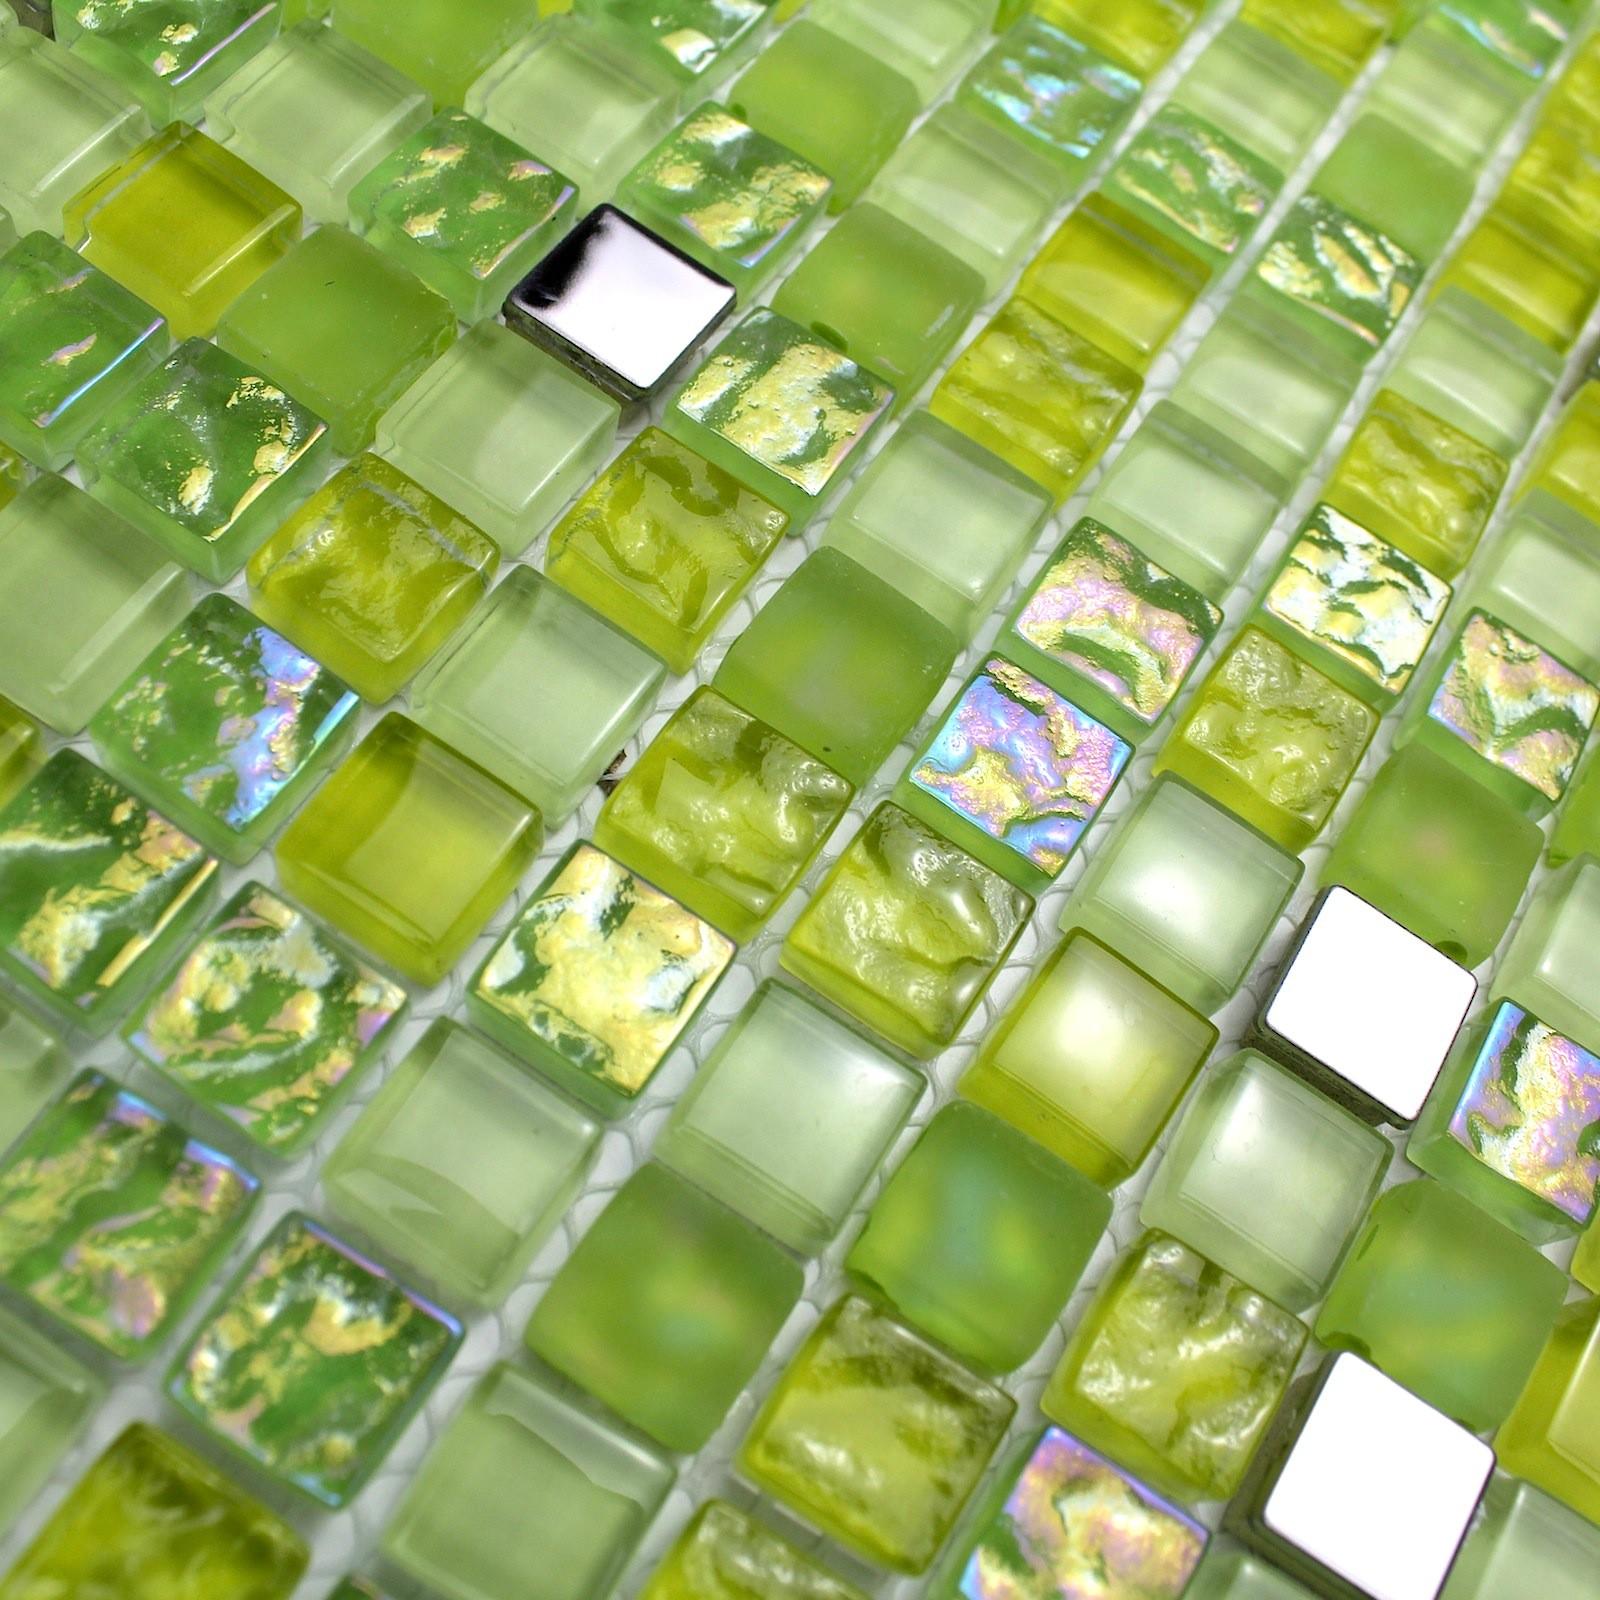 Mosaique Salle De Bain Douche Cuisine 1m2 Harris Vert Carrelage